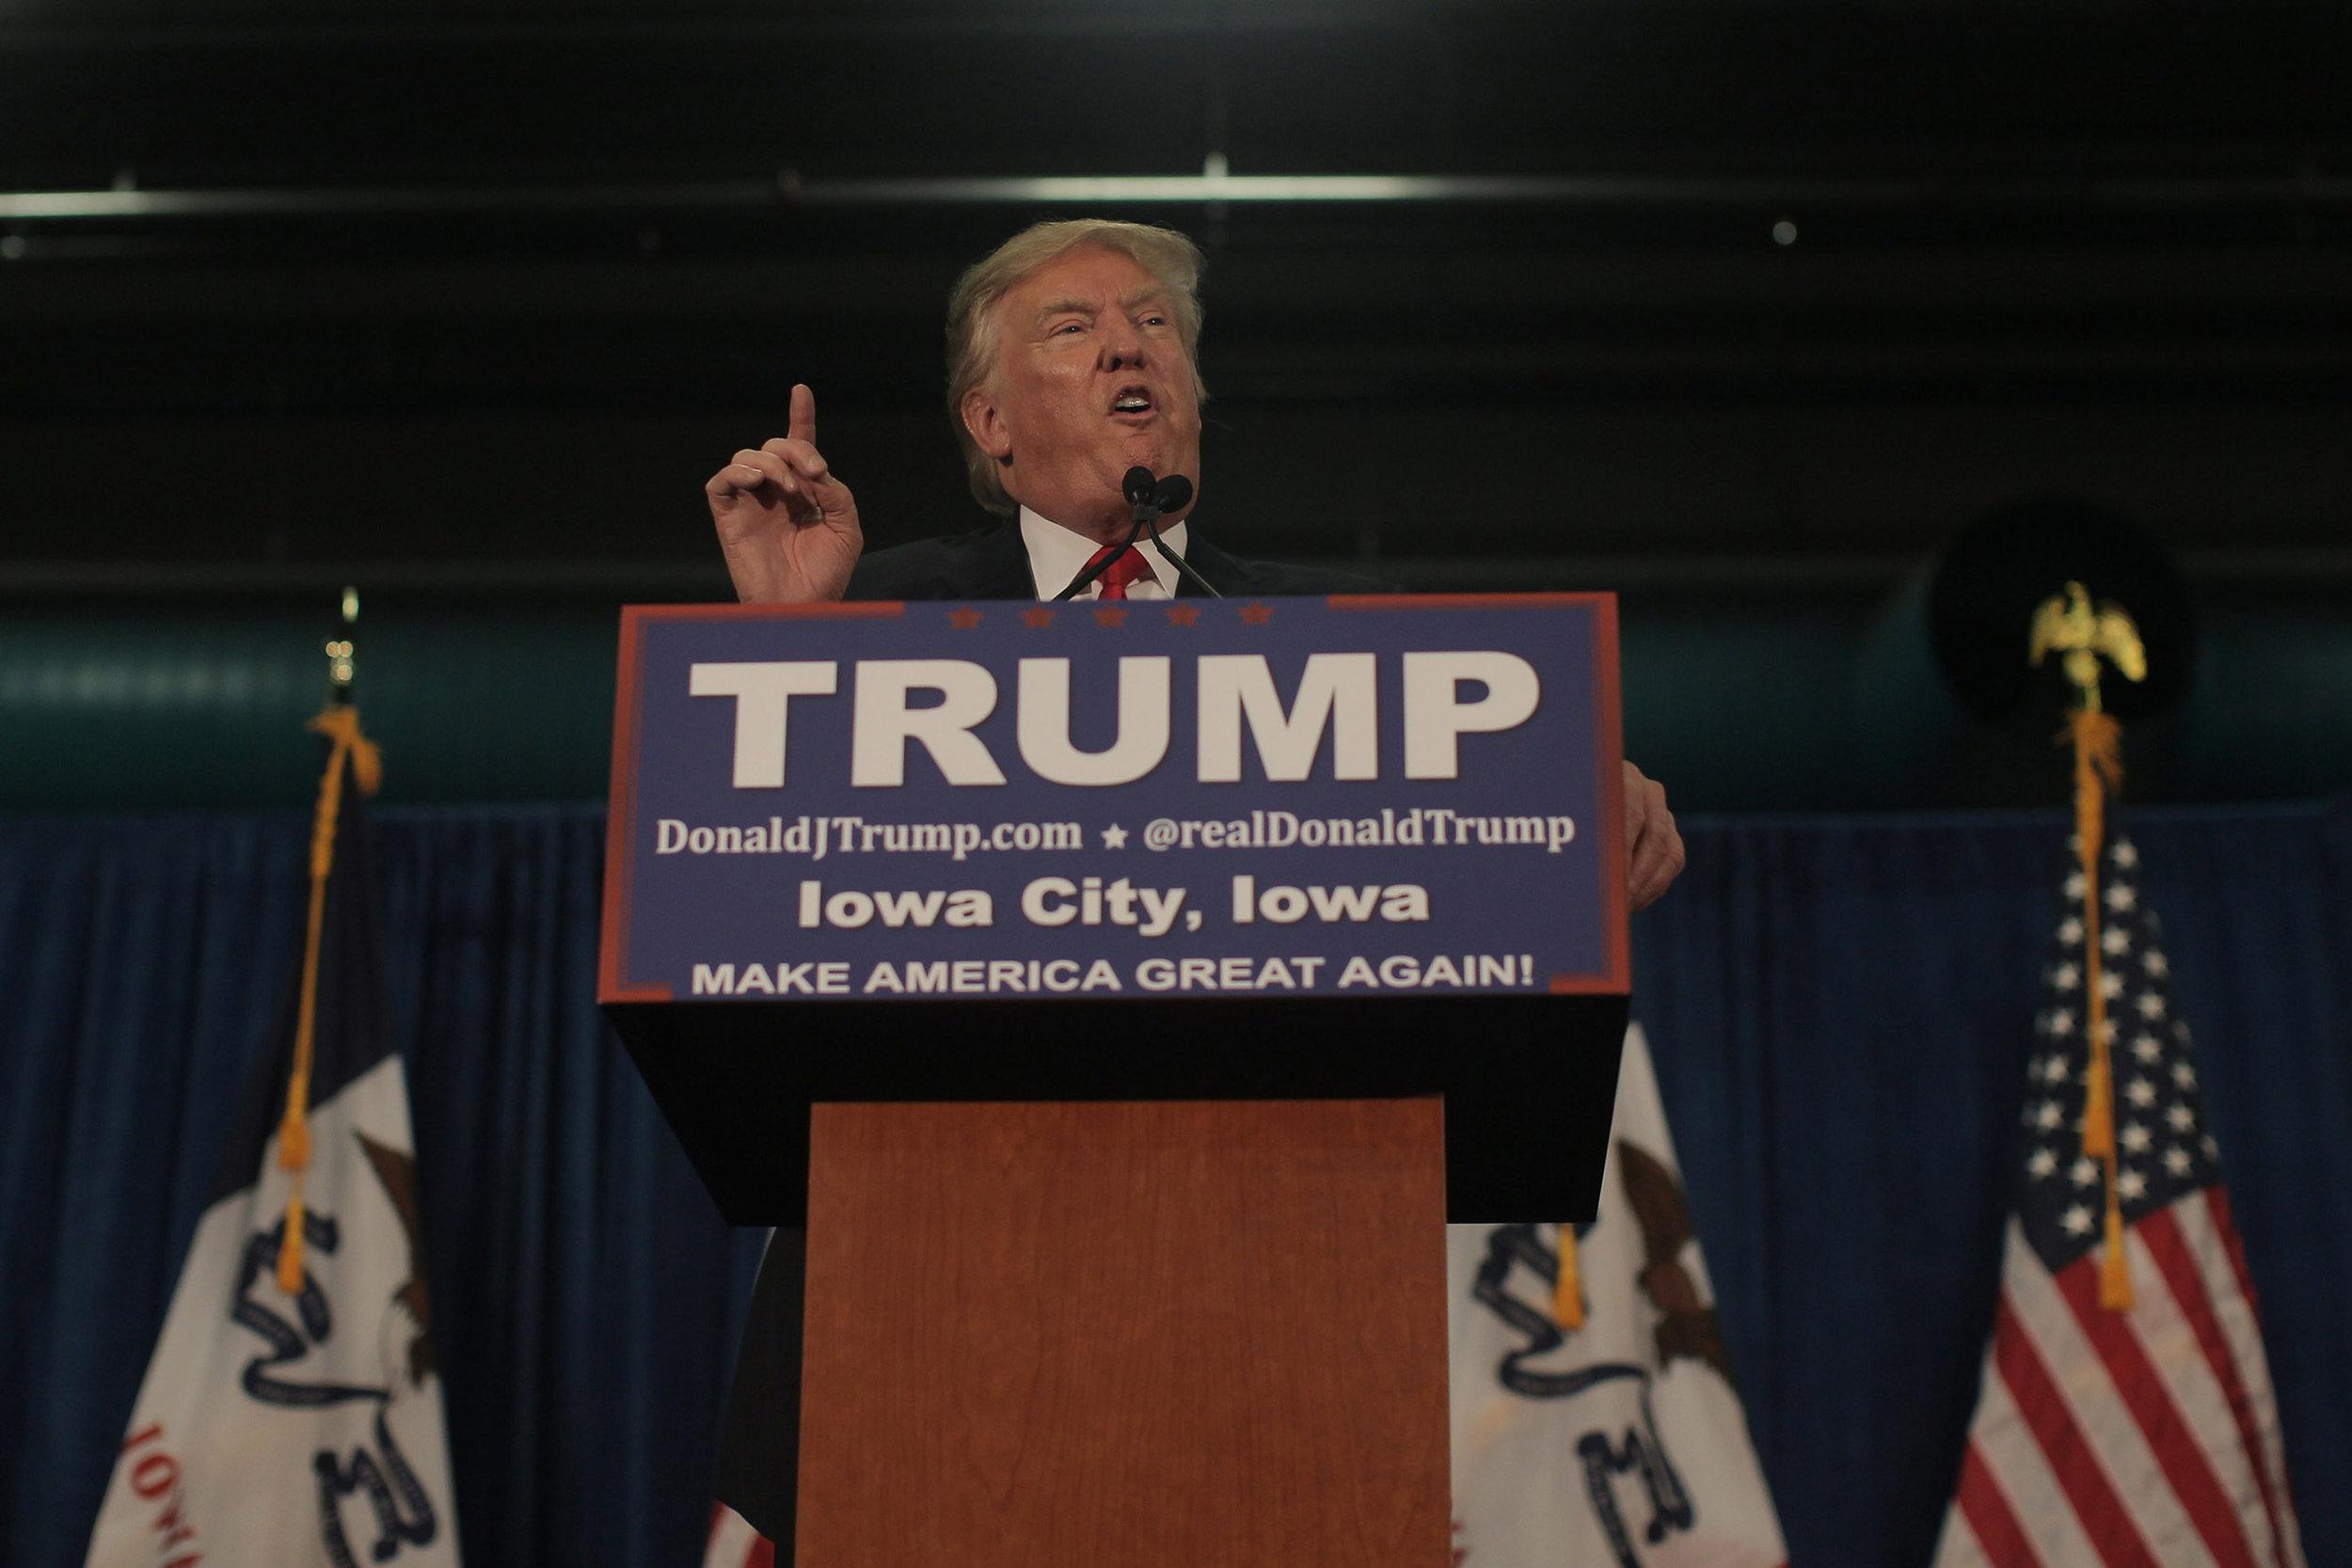 001-Trump.jpg